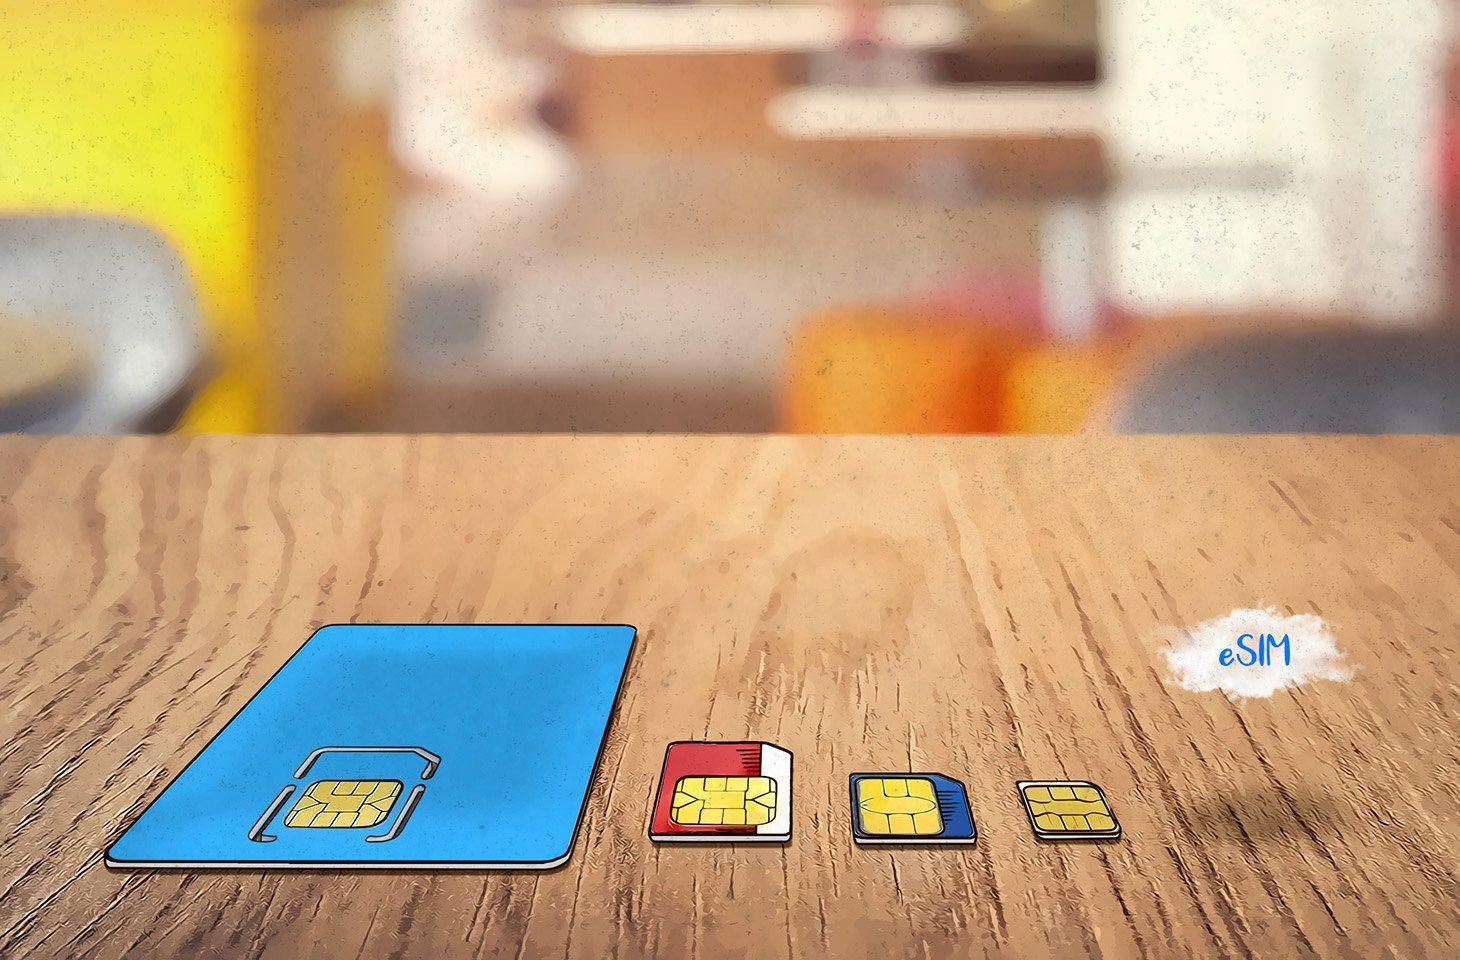 เทคโนโลยีตัวใหม่ eSIM กับ ซิมการ์ด SIM Card ต่างกันอย่างไร บอกเลยน่าสนใจสุด ๆ